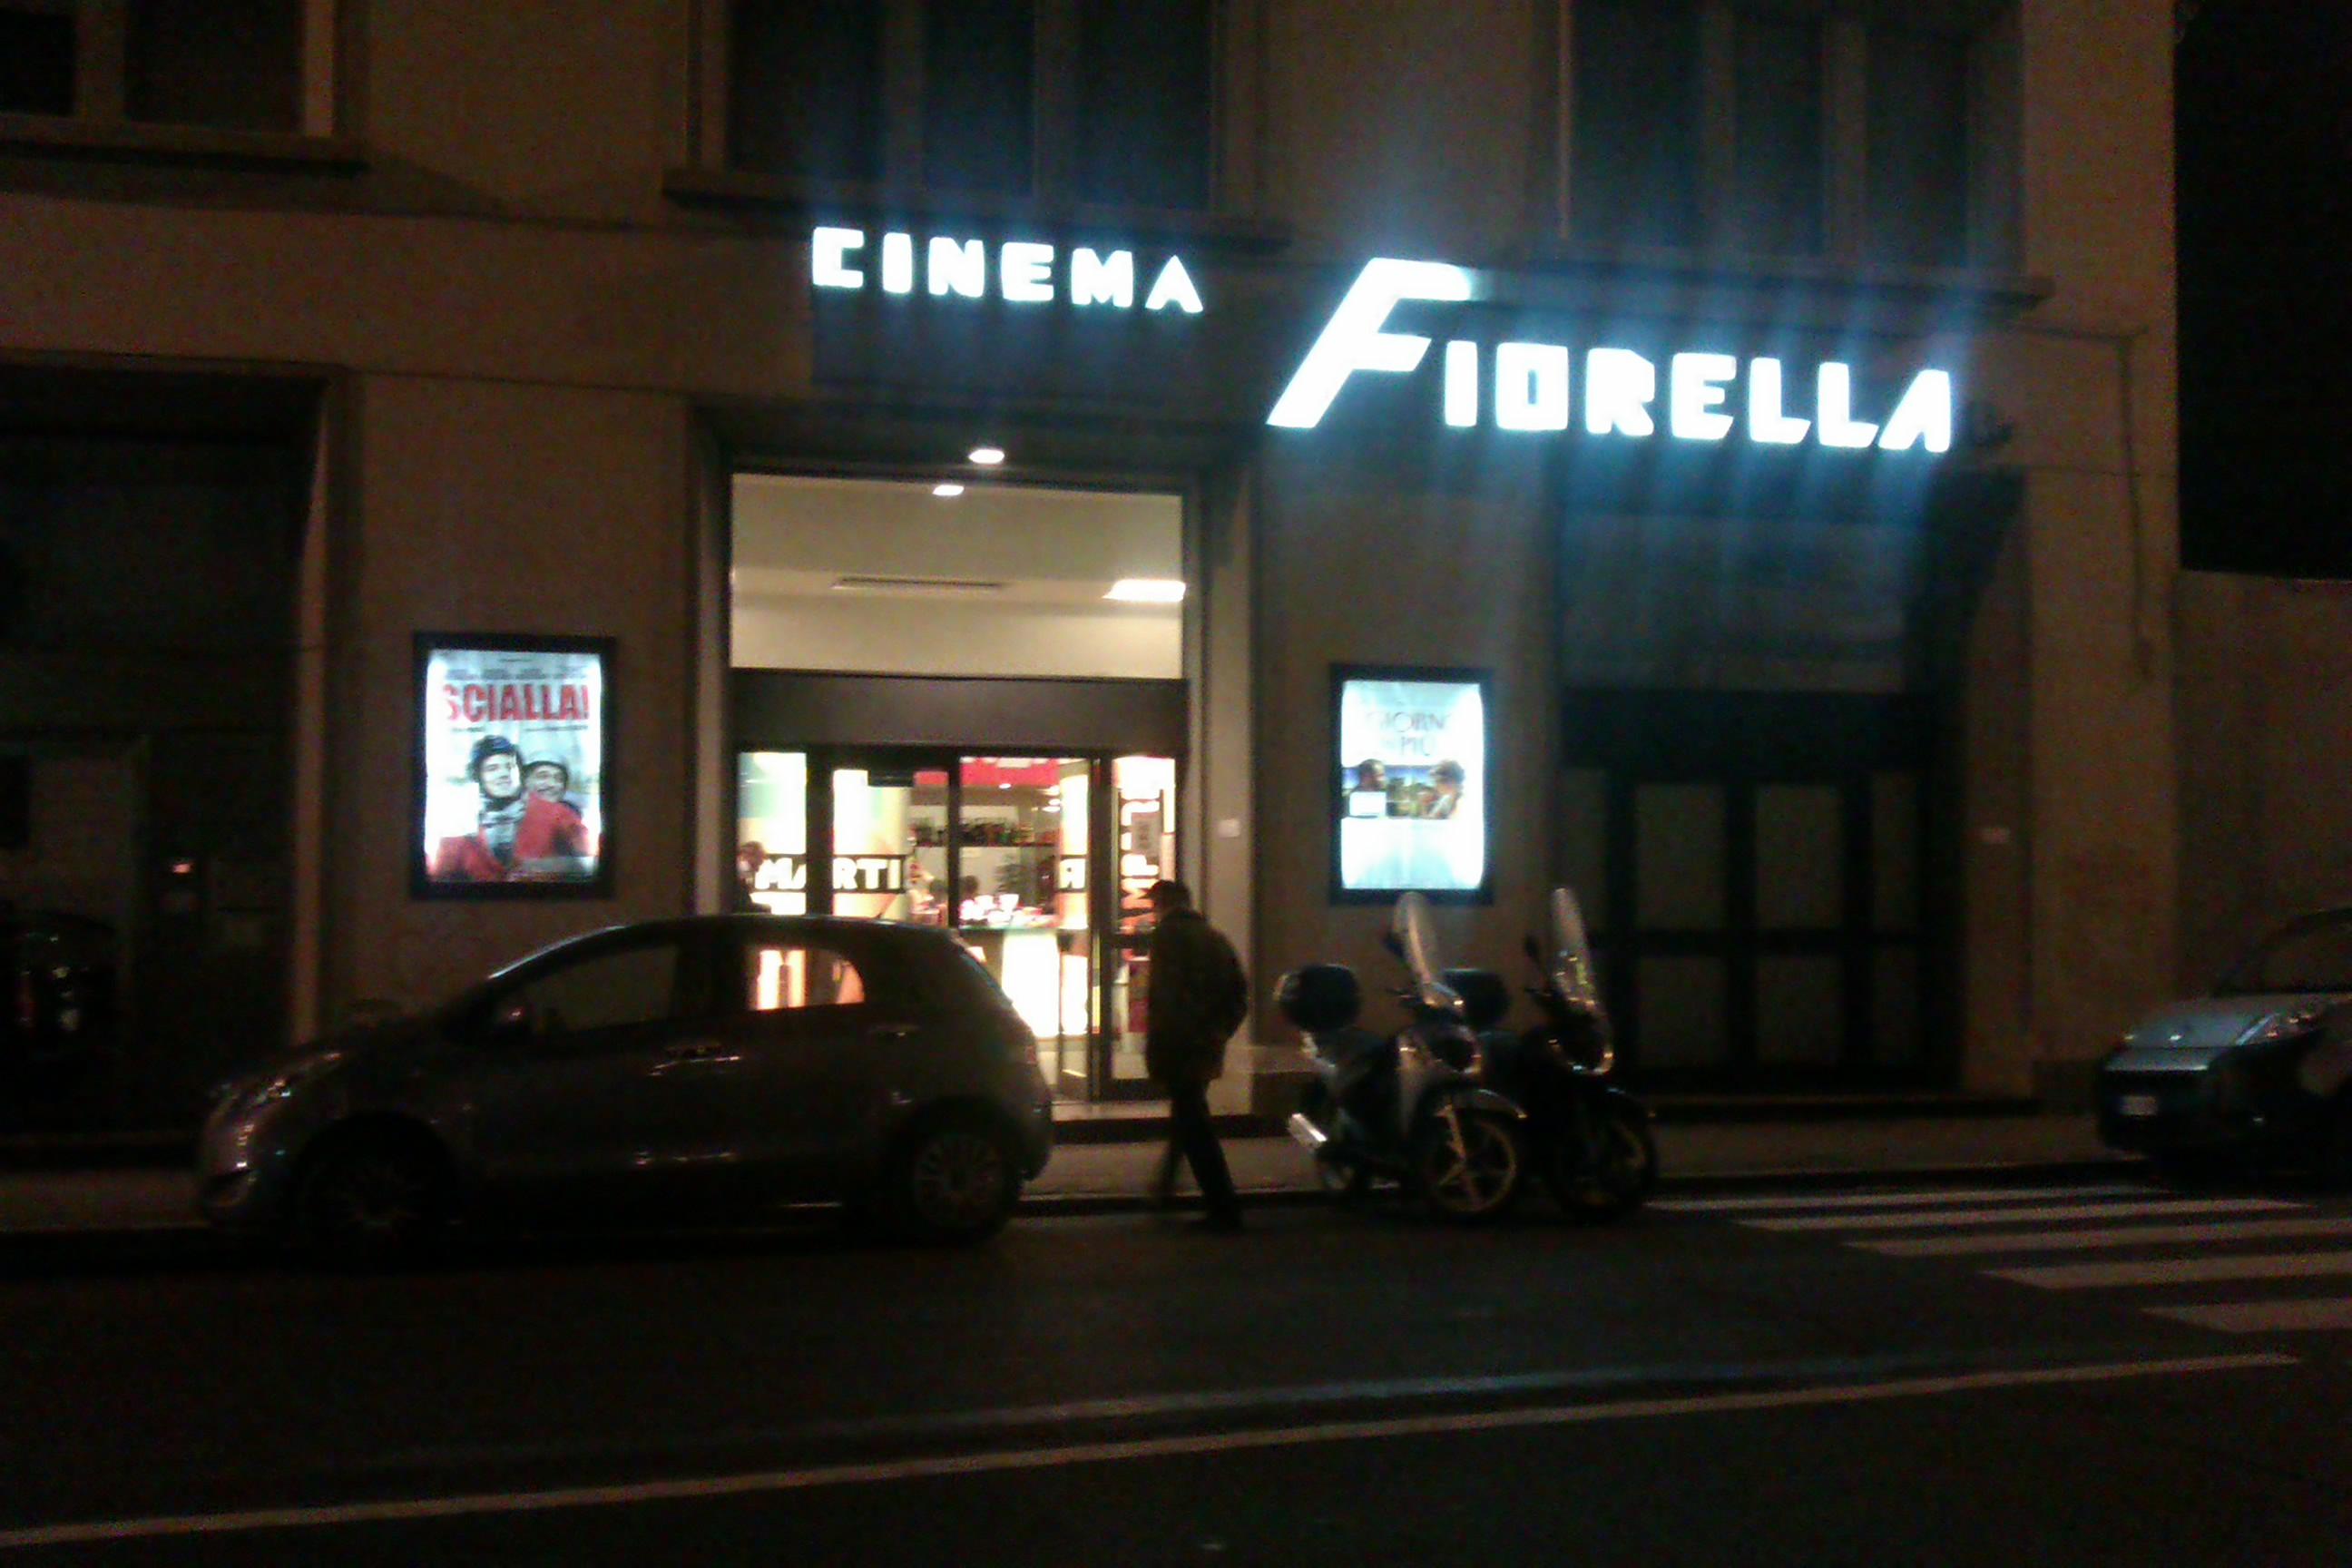 Cinema Fiorella